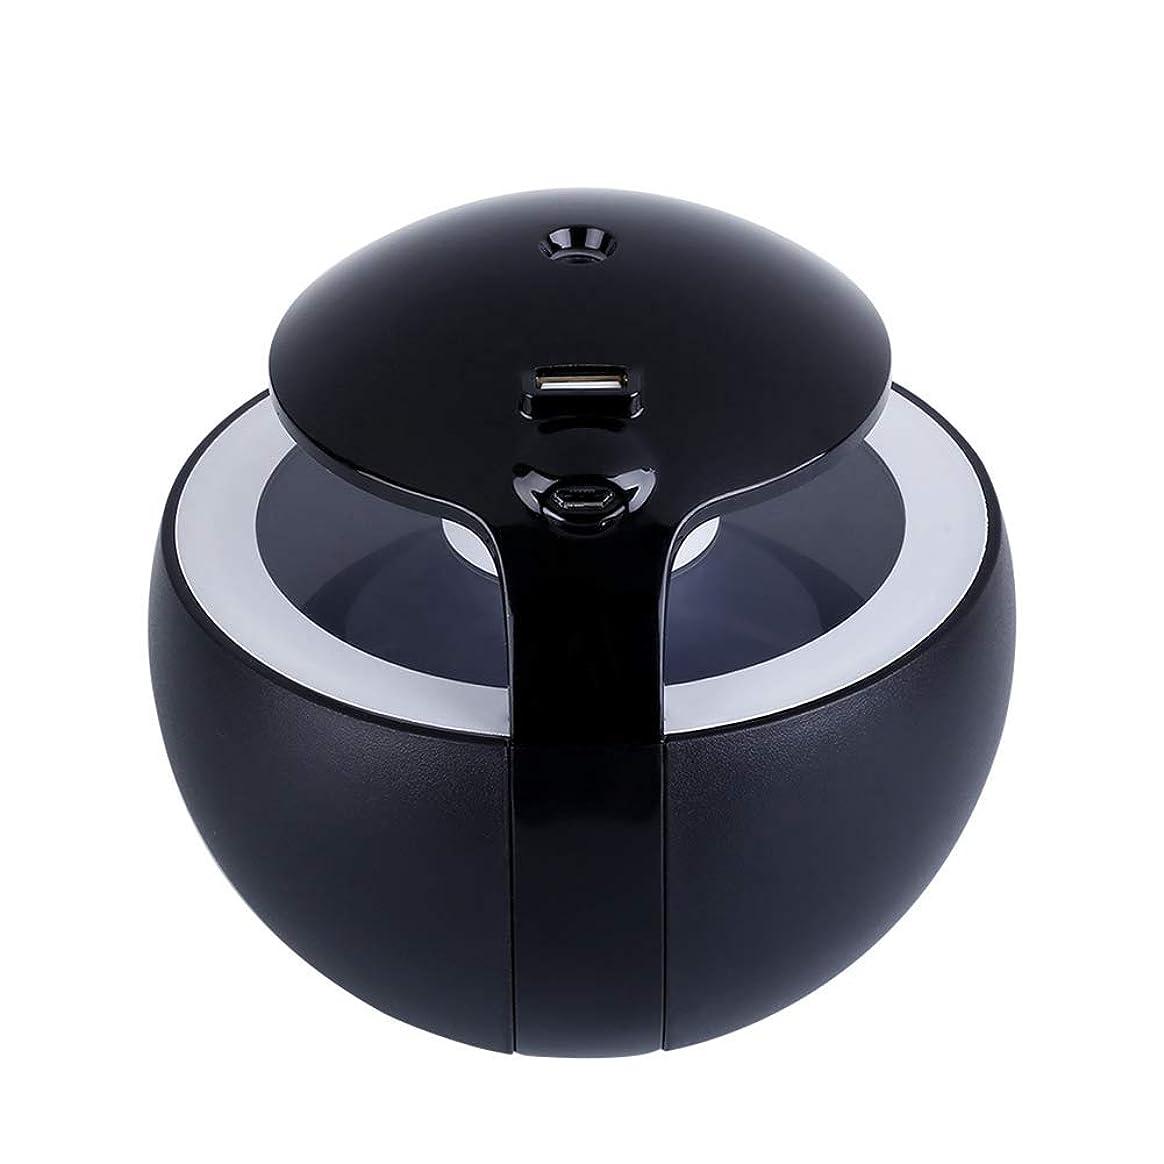 スラック政権肌ナイトエルフ加湿器多機能USB小型ライト小型ファンホームデスクトップエアコンルーム加湿,Black